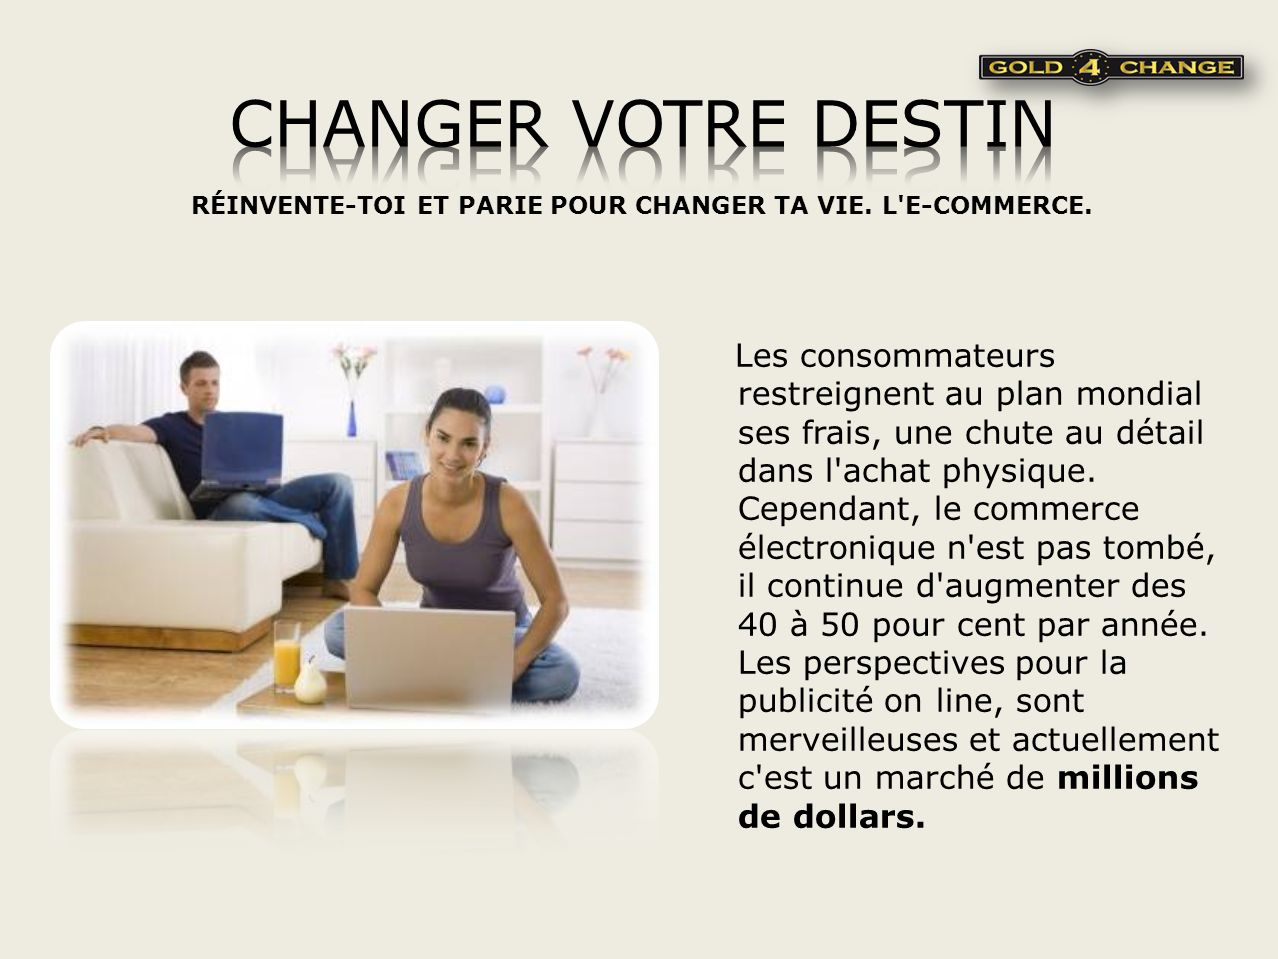 RÉINVENTE-TOI ET PARIE POUR CHANGER TA VIE.L E-COMMERCE.